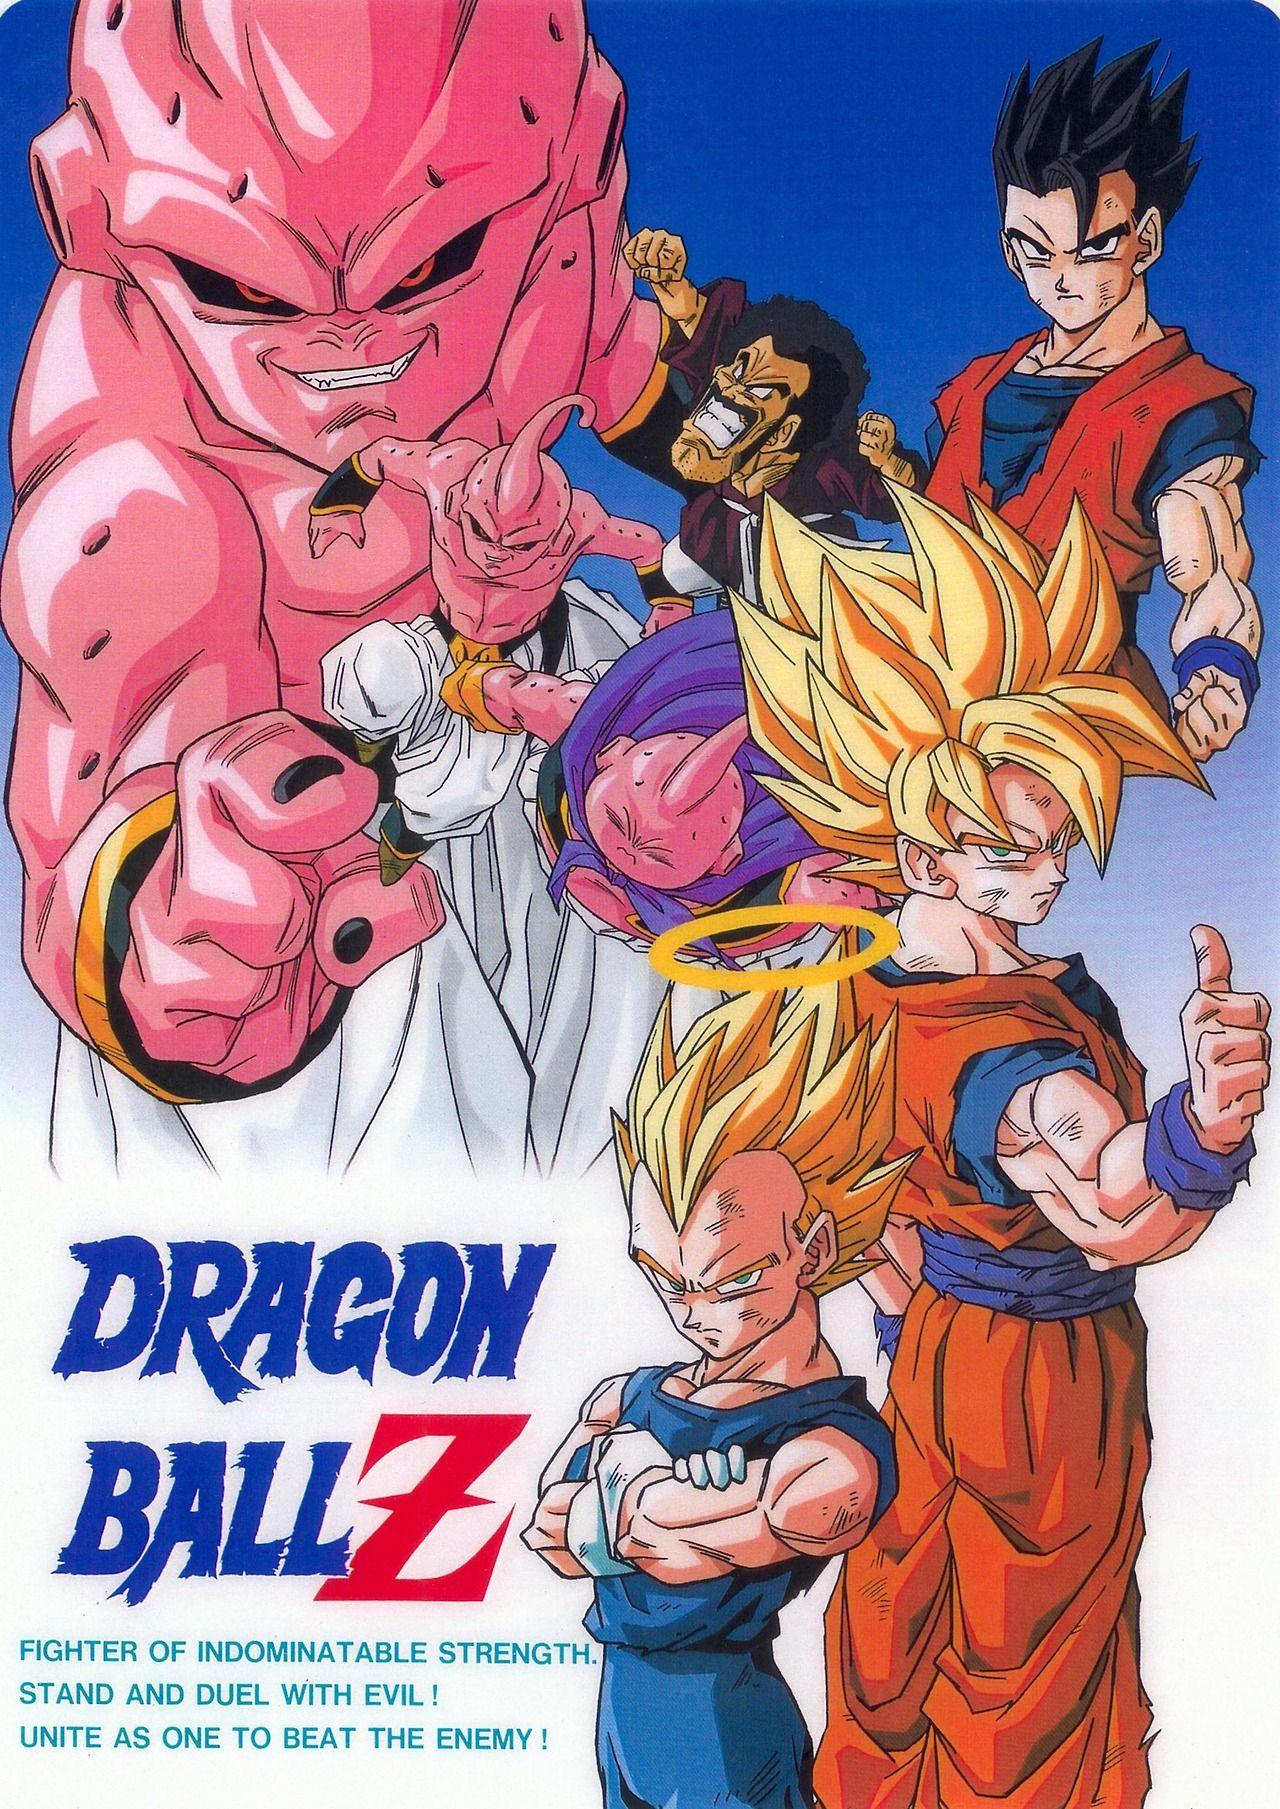 80s 90s Dragon Ball Art Anime Desenhos Dragonball Desenho De Anime